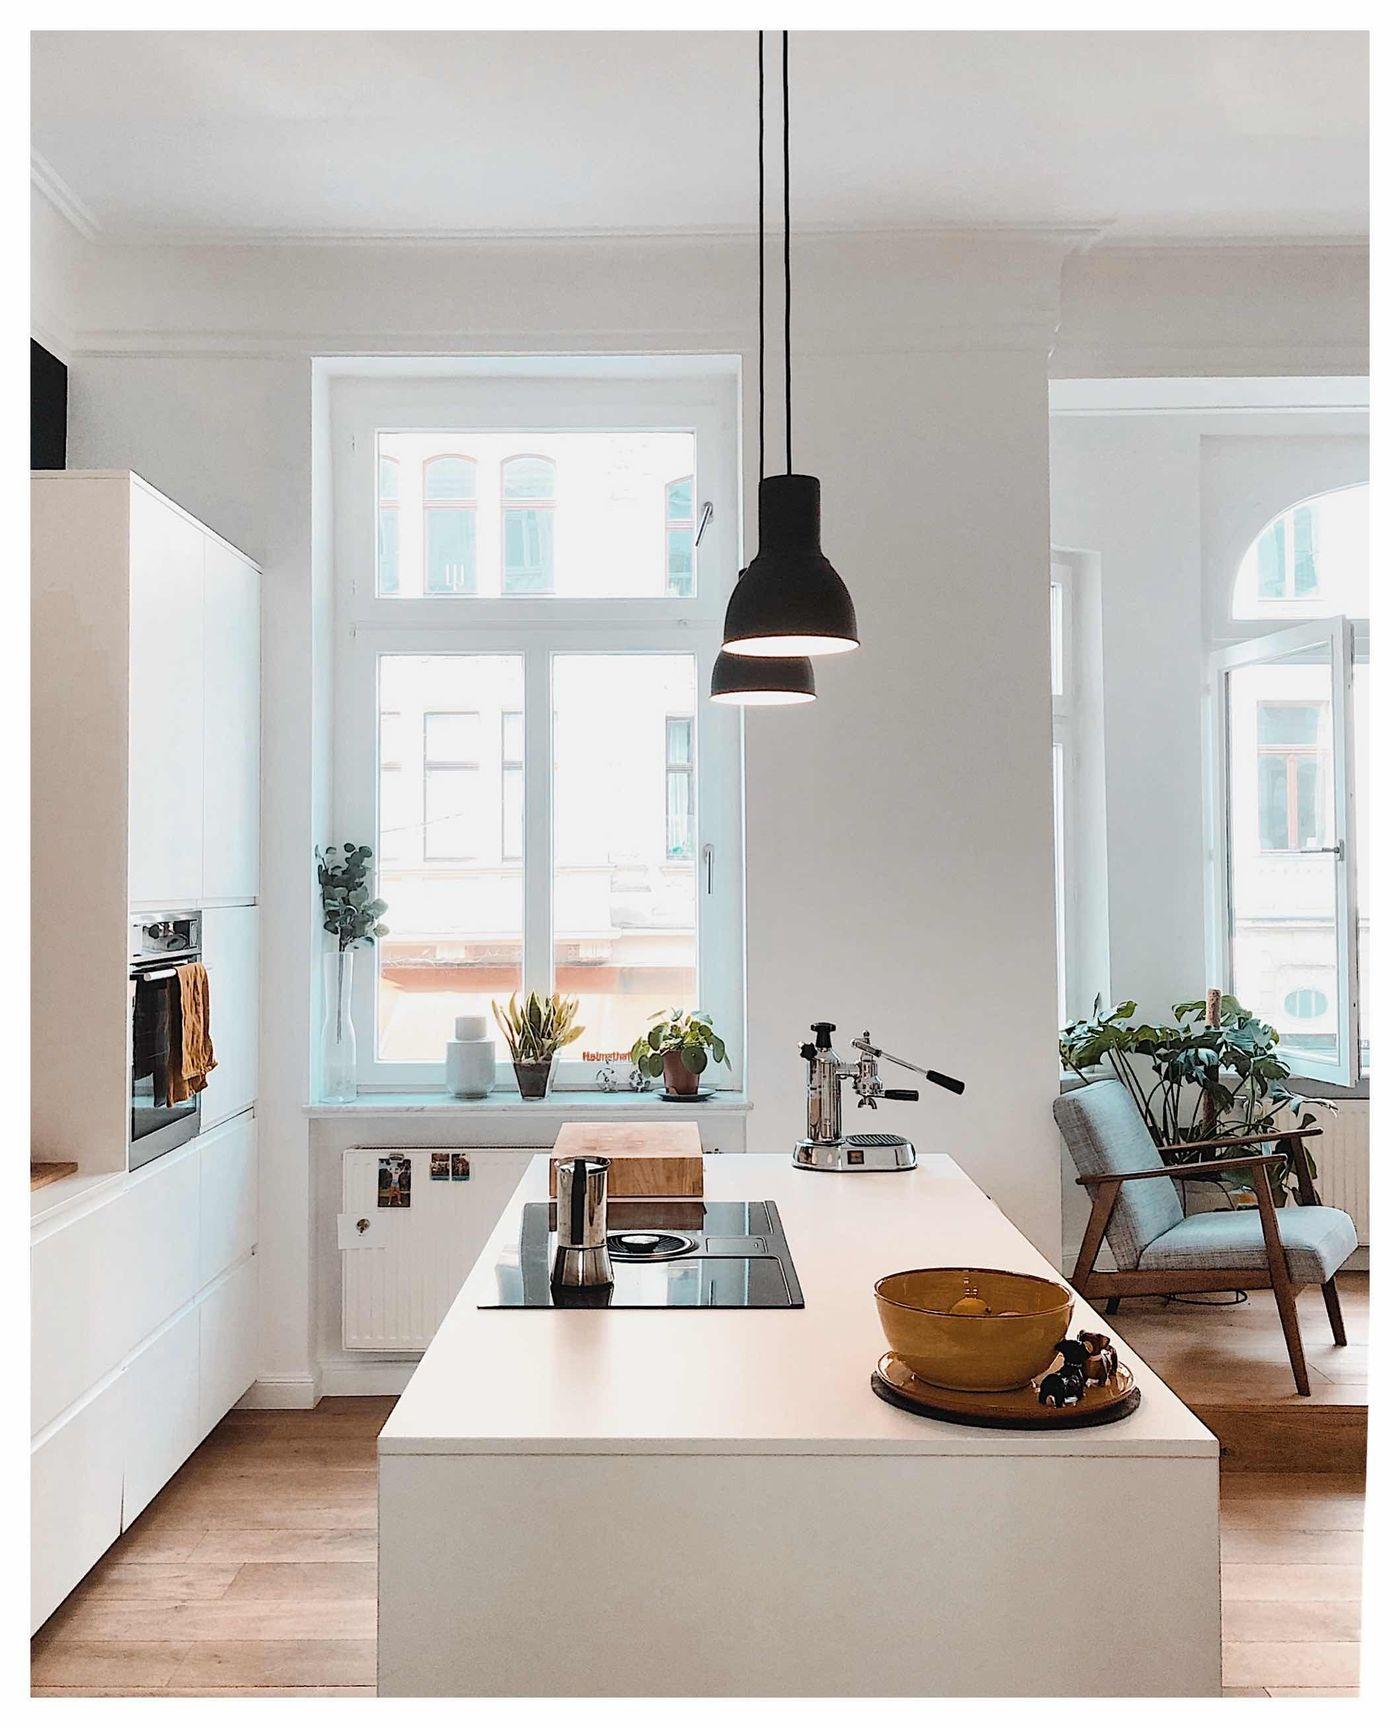 Full Size of Ikea Kchen Tolle Tipps Und Ideen Fr Kchenplanung Küchen Regal Modulküche Küche Kosten Betten 160x200 Bei Miniküche Kaufen Sofa Mit Schlaffunktion Wohnzimmer Ikea Küchen